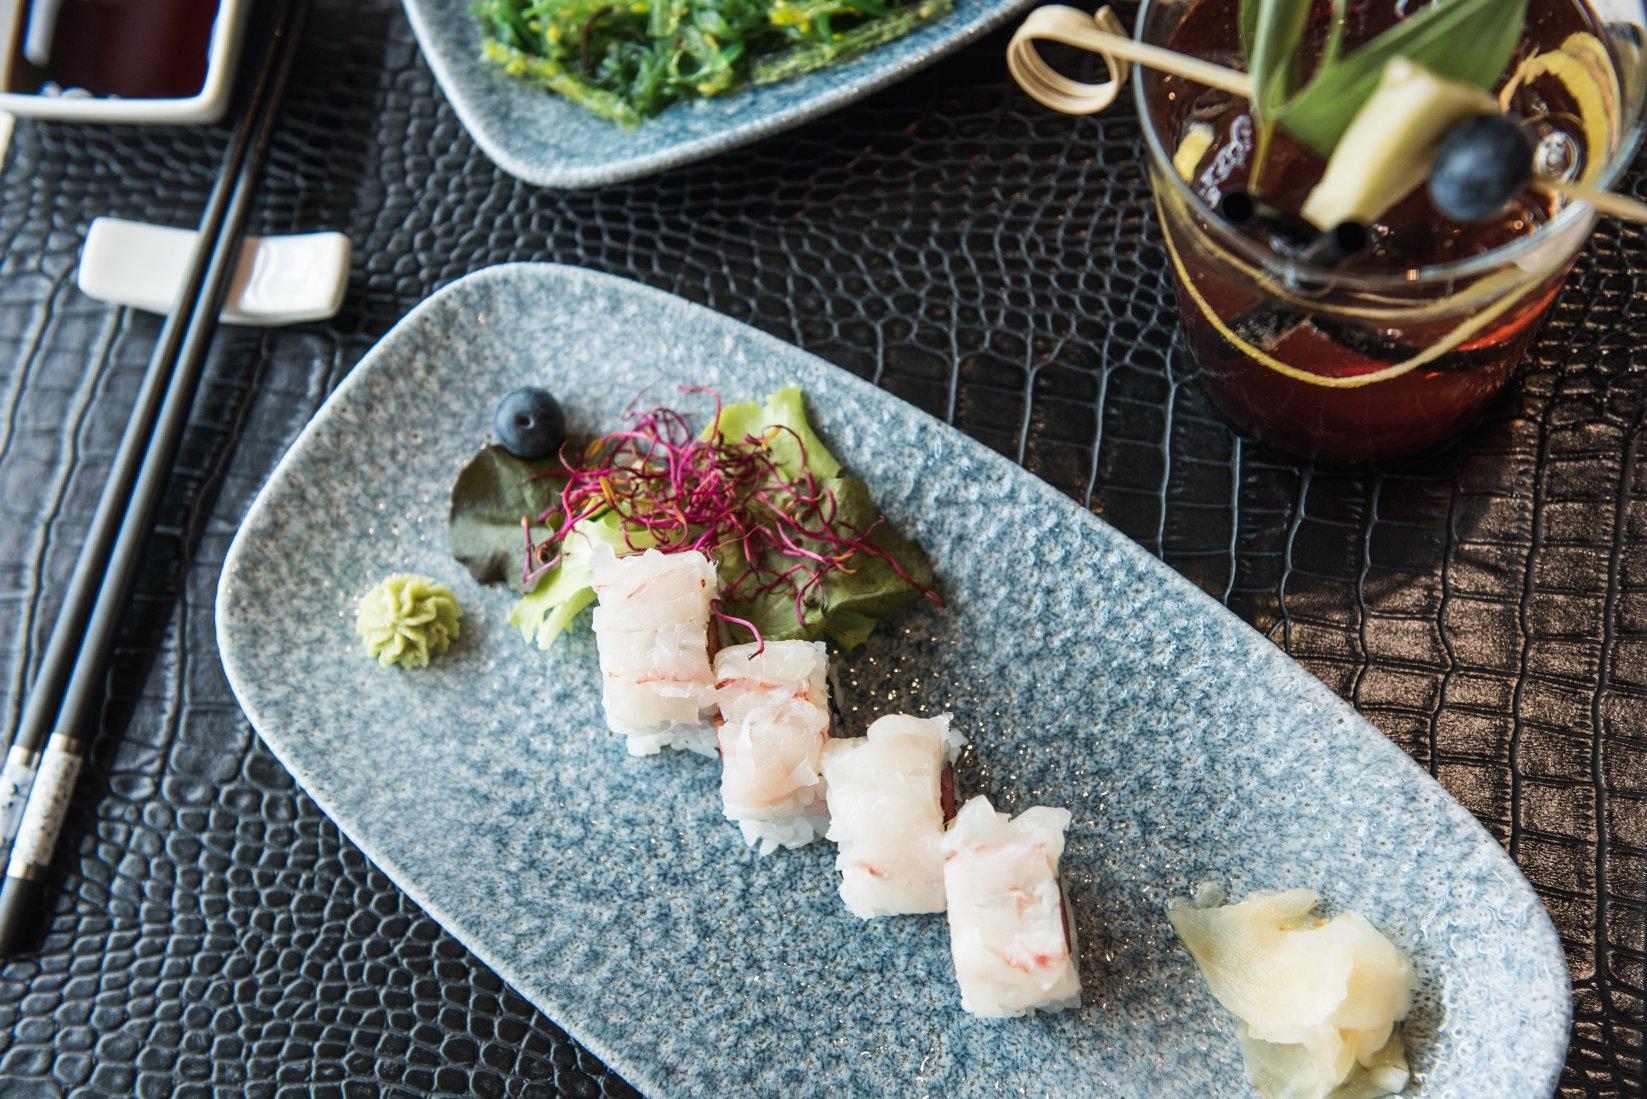 isushi roma  3 - I-Sushi </br> Roma